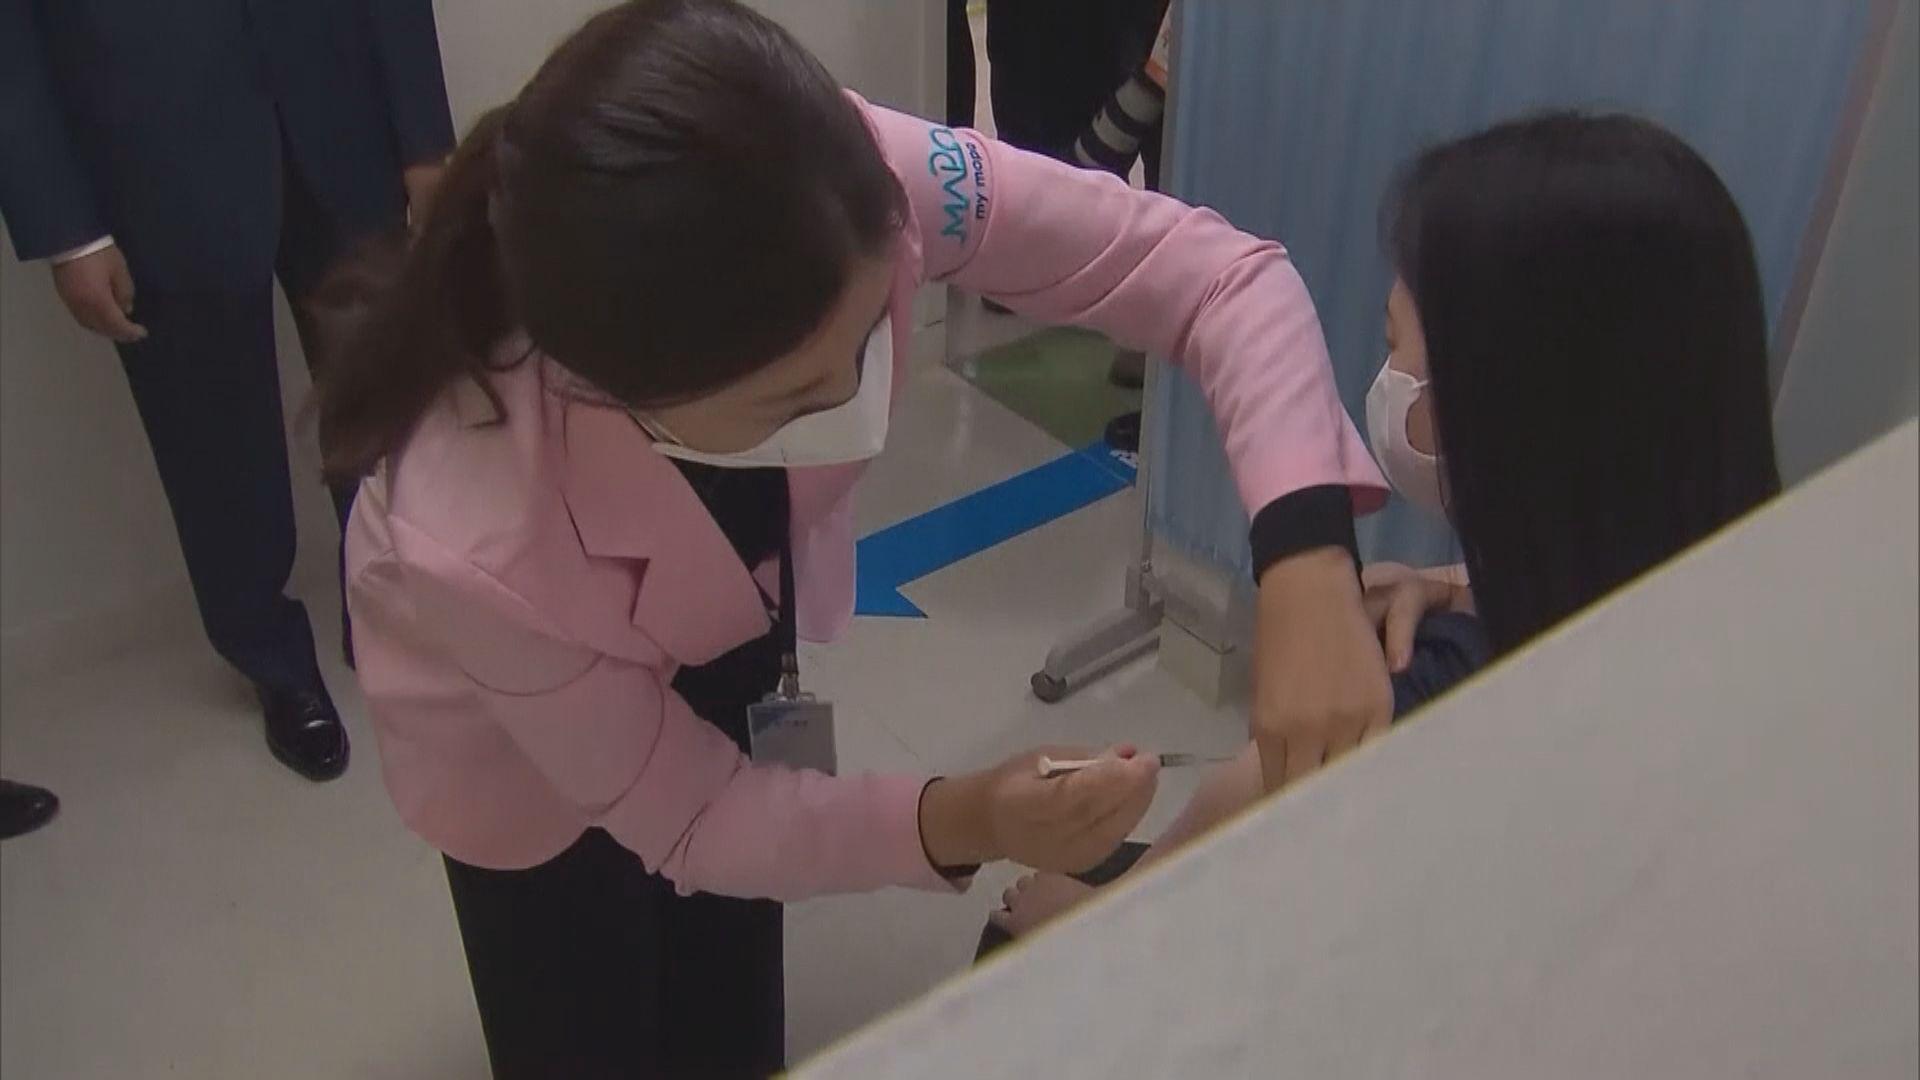 奧地利女護士接種阿斯利康疫苗後死亡 當局初步認為與疫苗無關